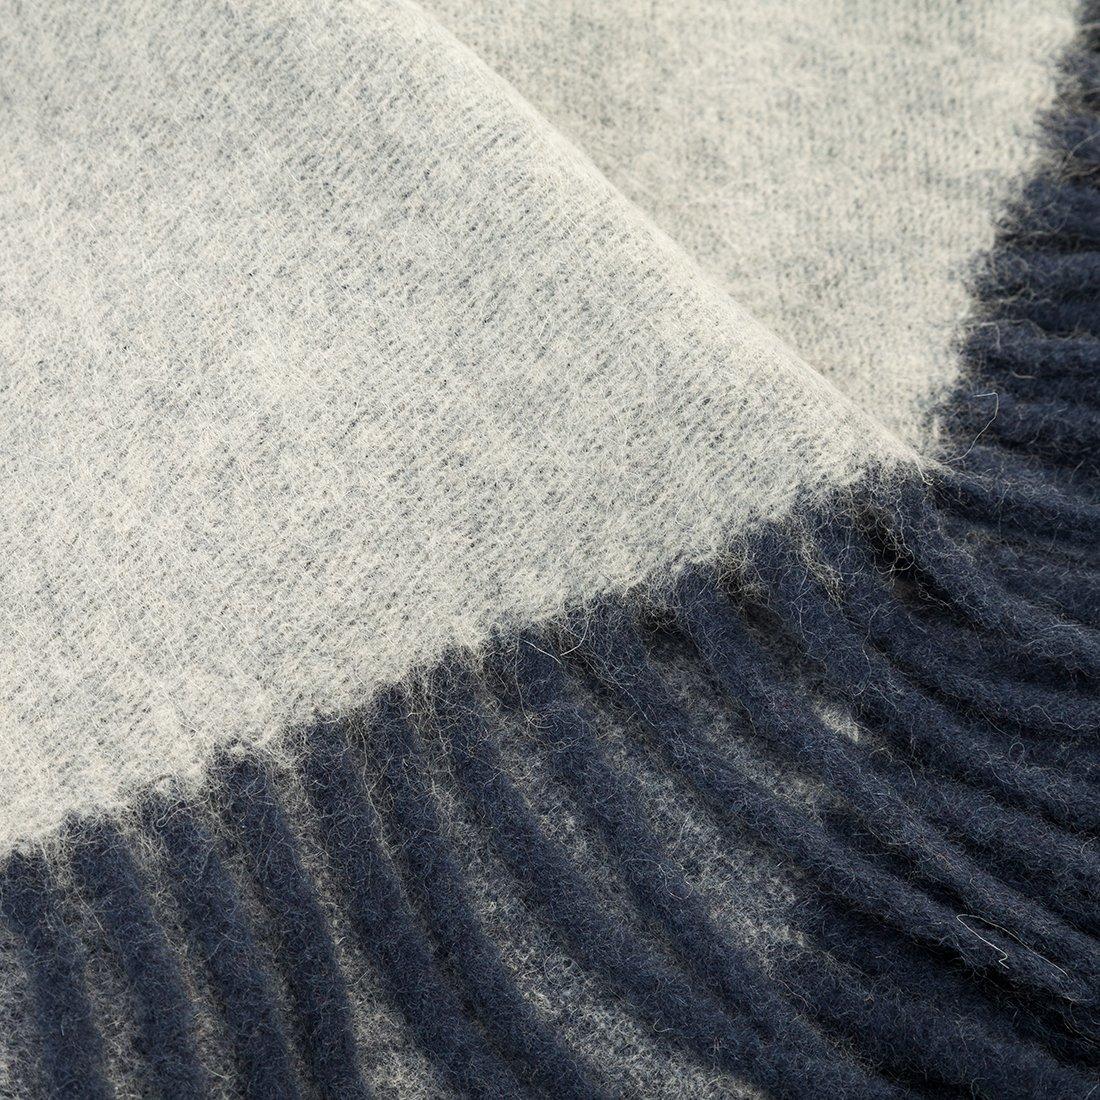 SPENCER&WHITNEY Soft Light Blanket 100% Australian Wool Soft Throw Blanket Light And Breathability Large Fleece Blanket